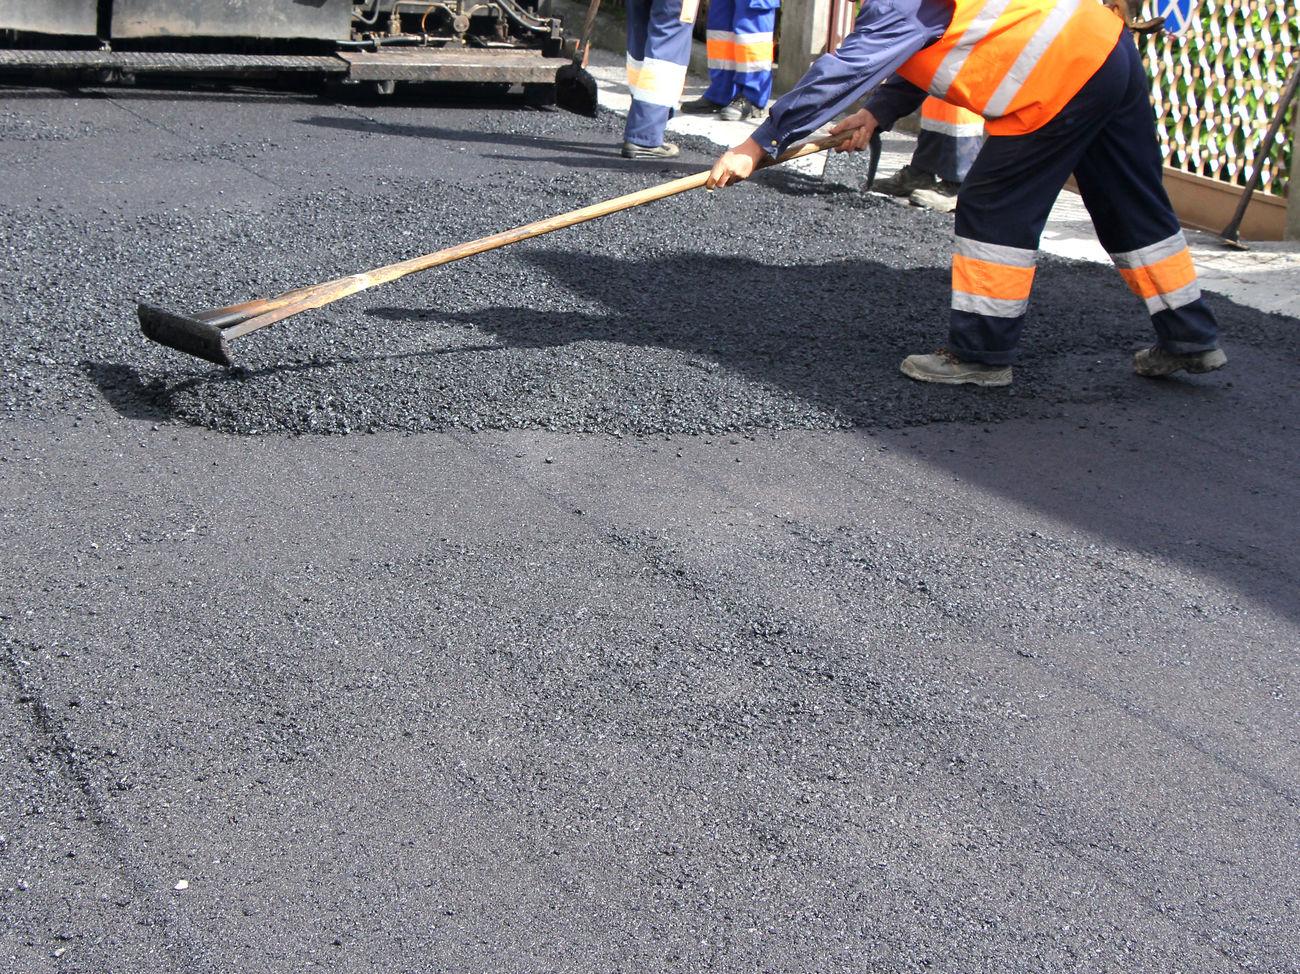 Кабмин хочет снять 10 млрд грн с 'Большого строительства' Зеленского и